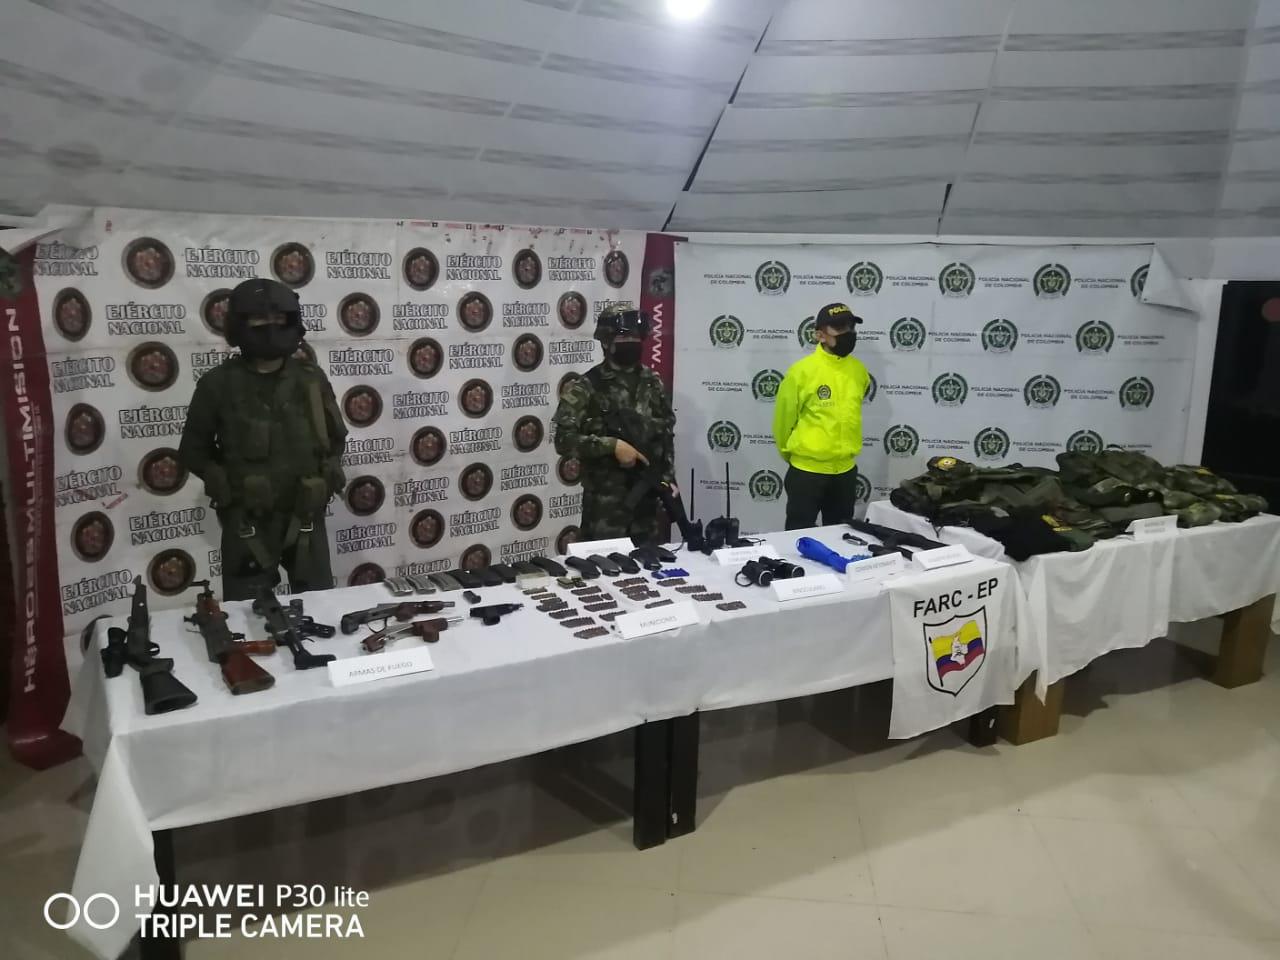 Ubicada caleta de armamento de alias 'Carlos', cabecilla del frente 'Ismael Ruiz'